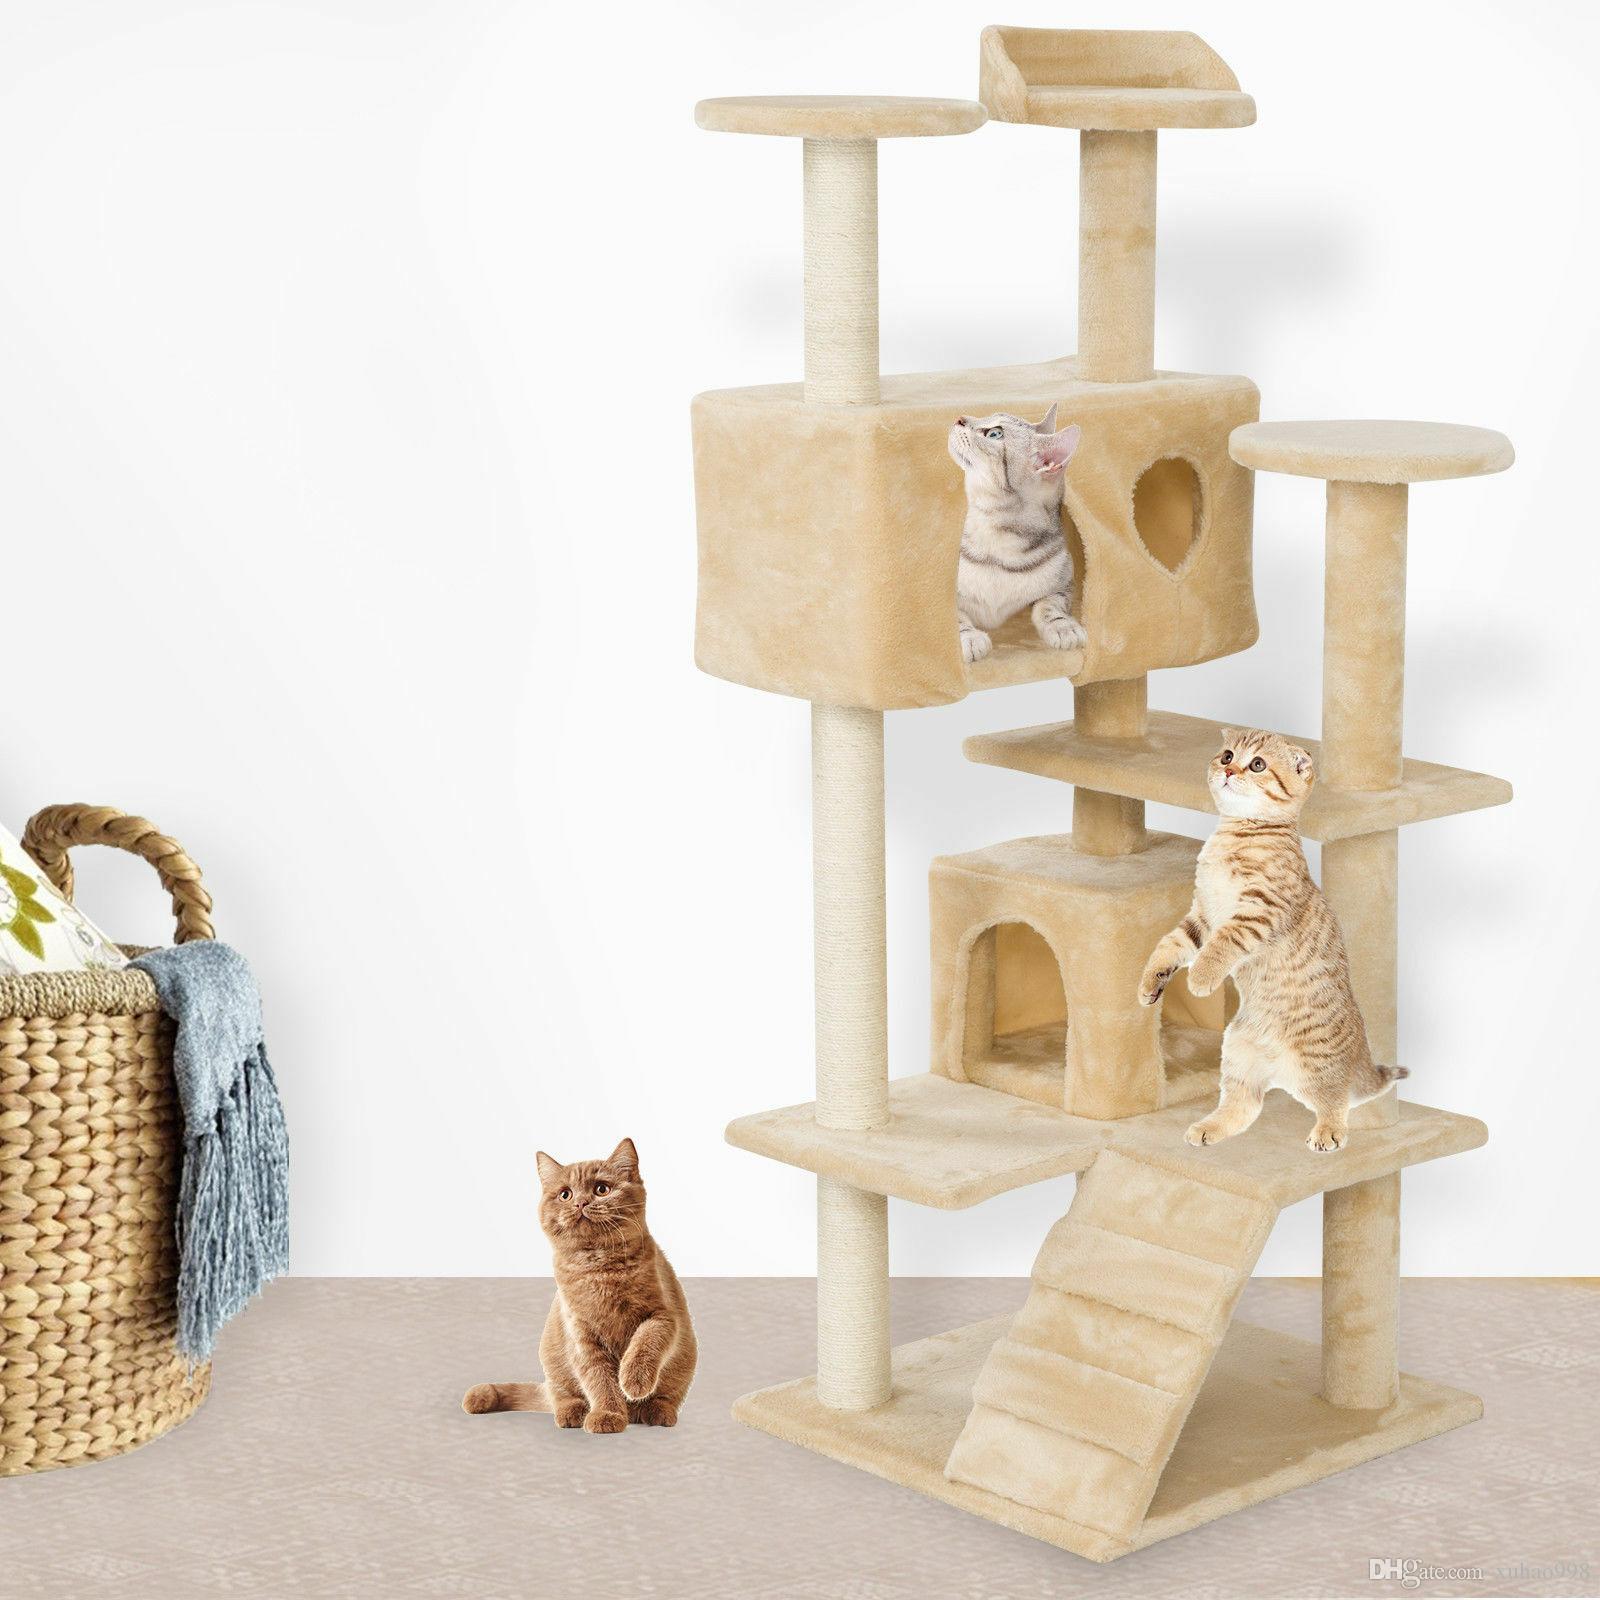 New52 « tour d'escalade de chat partagé chat nid de chat attrapant nid de chat du jeu chaton de bord beige